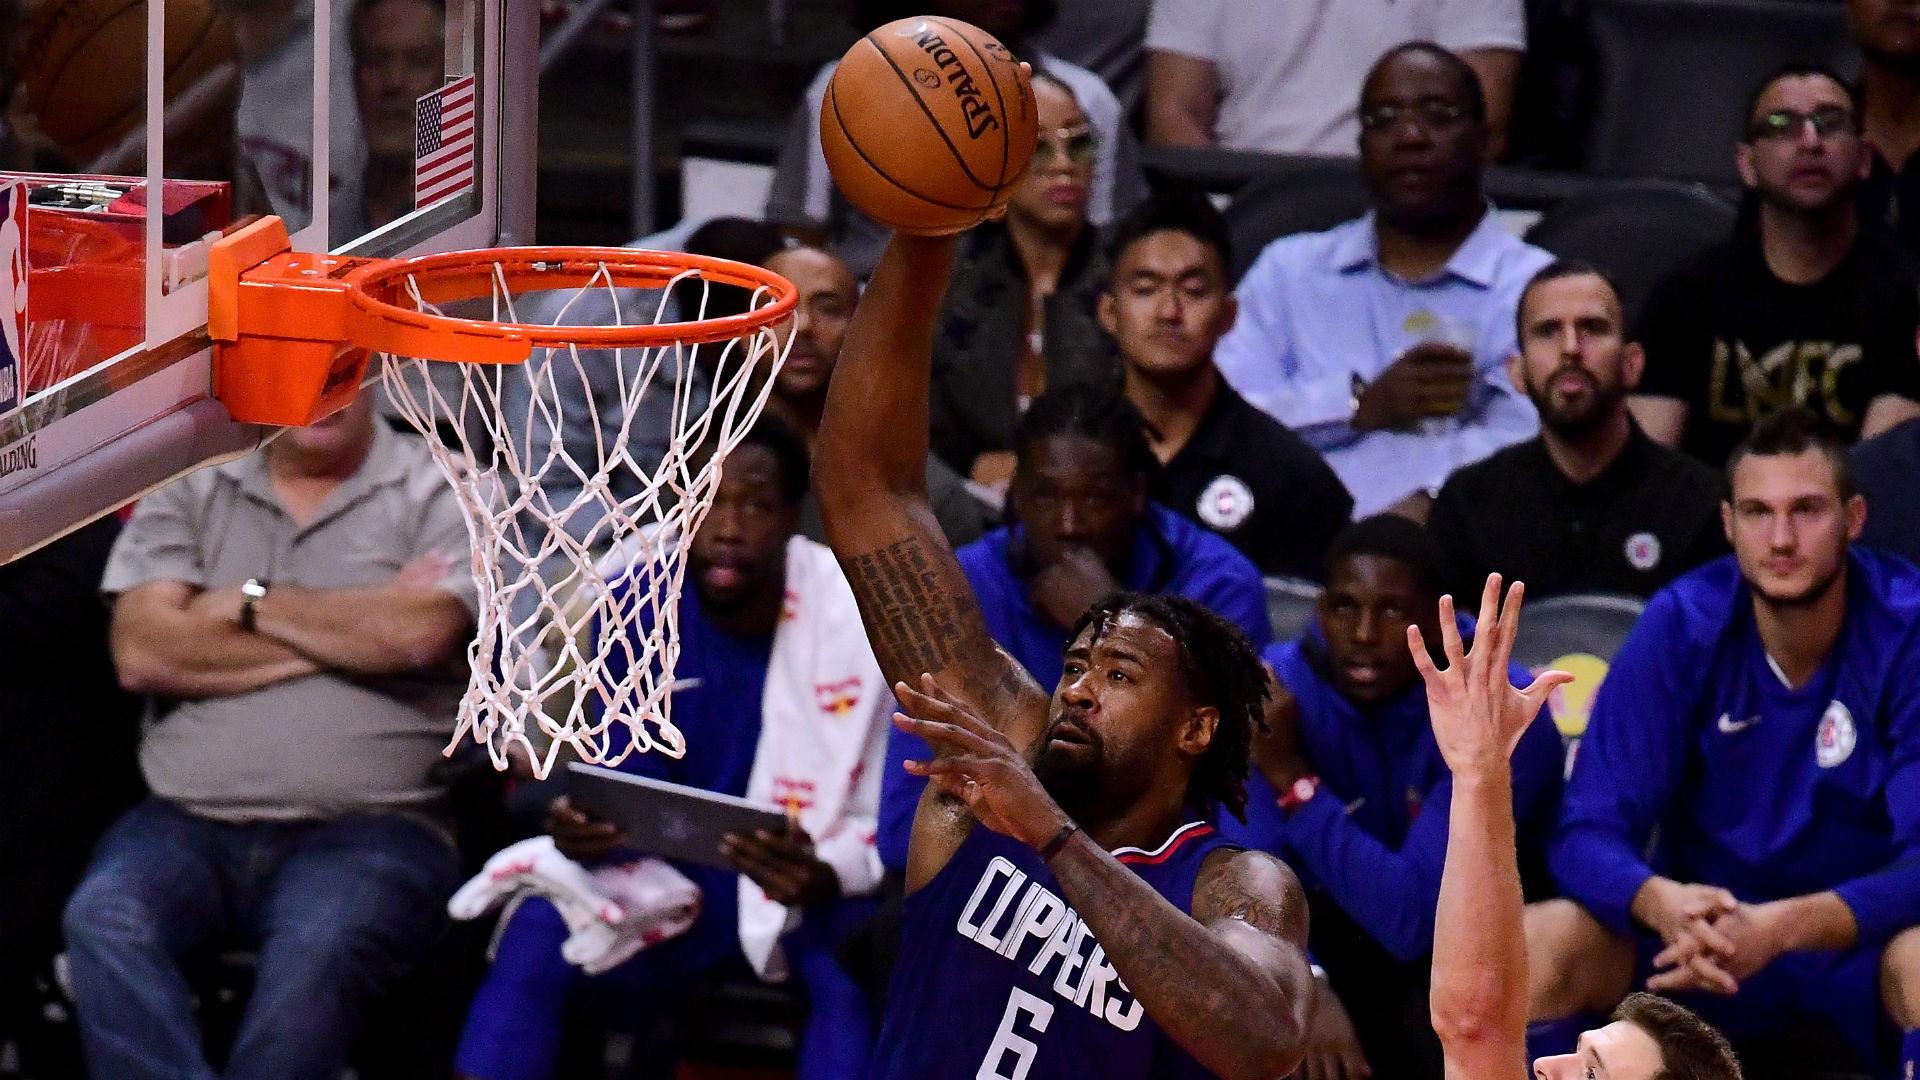 NBA trade rumors: Clippers, Rockets considered deal involving DeAndre Jordan, Clint Capela